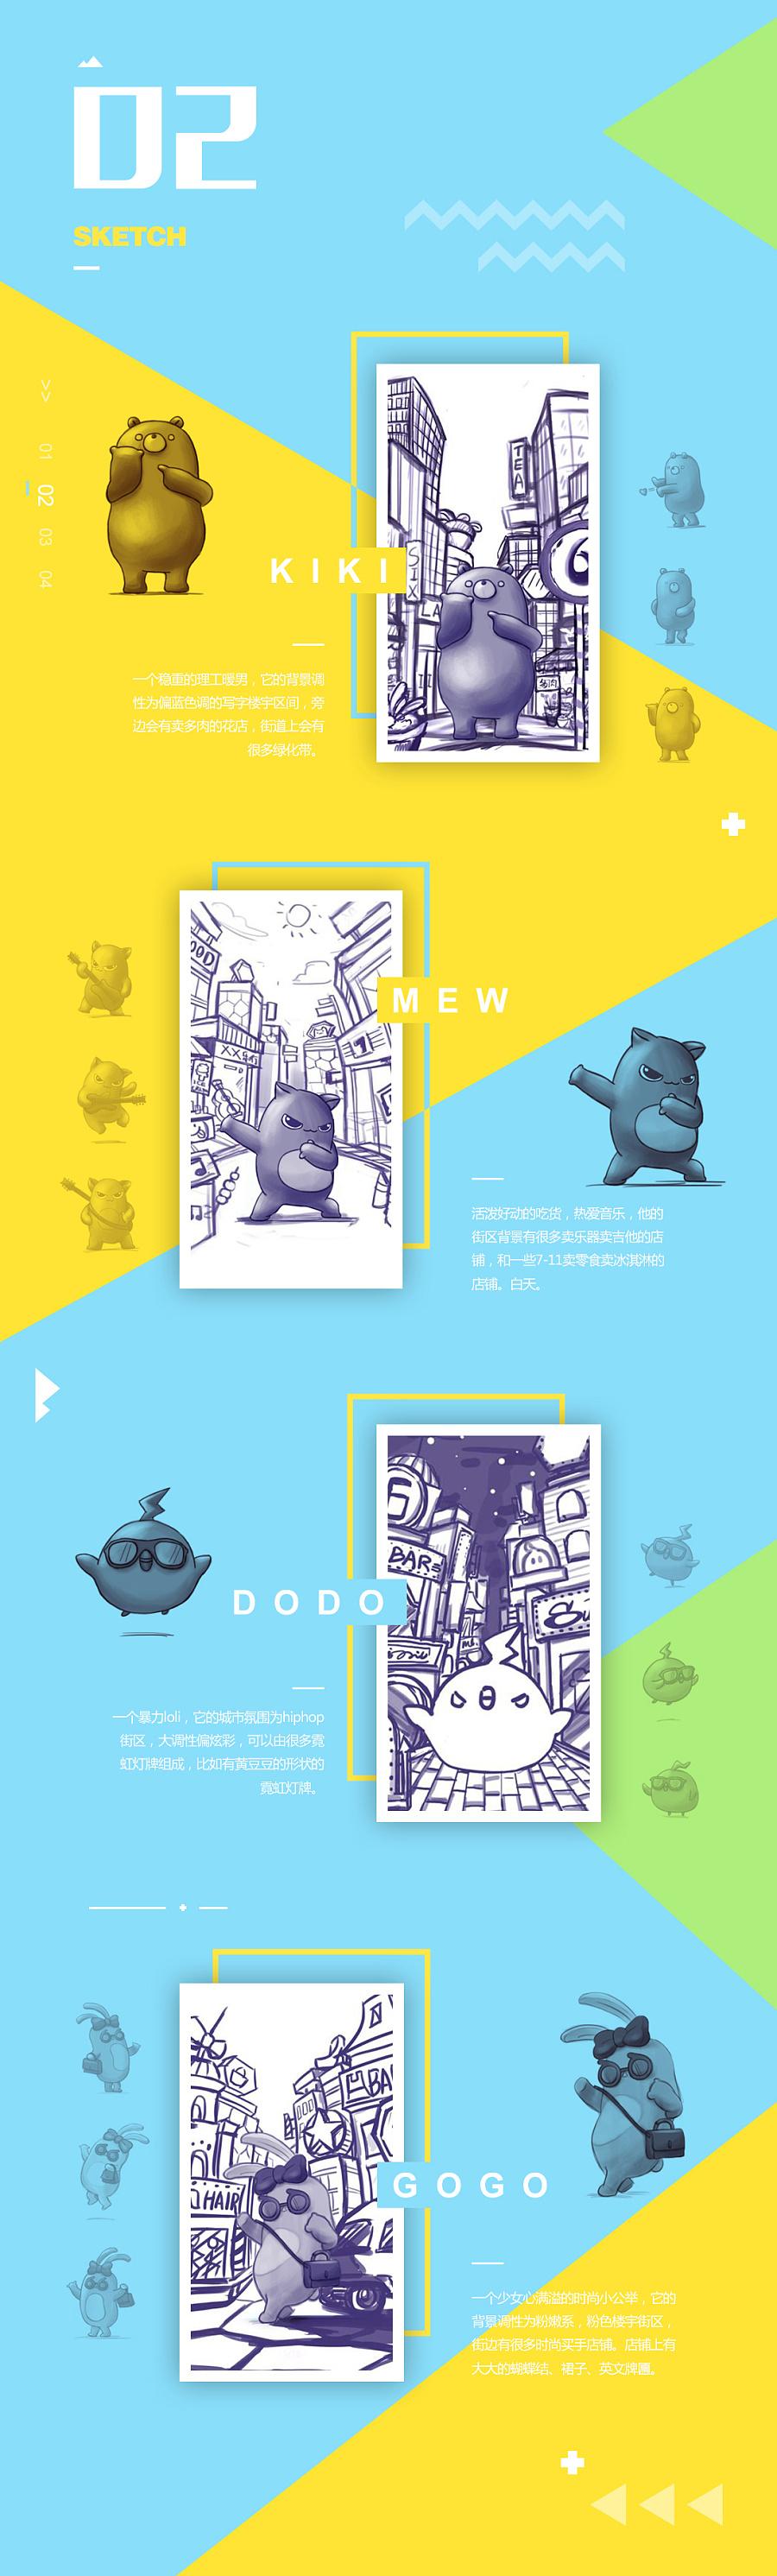 查看《WISEMIND - 消除者联盟3D品牌H5》原图,原图尺寸:1100x3646